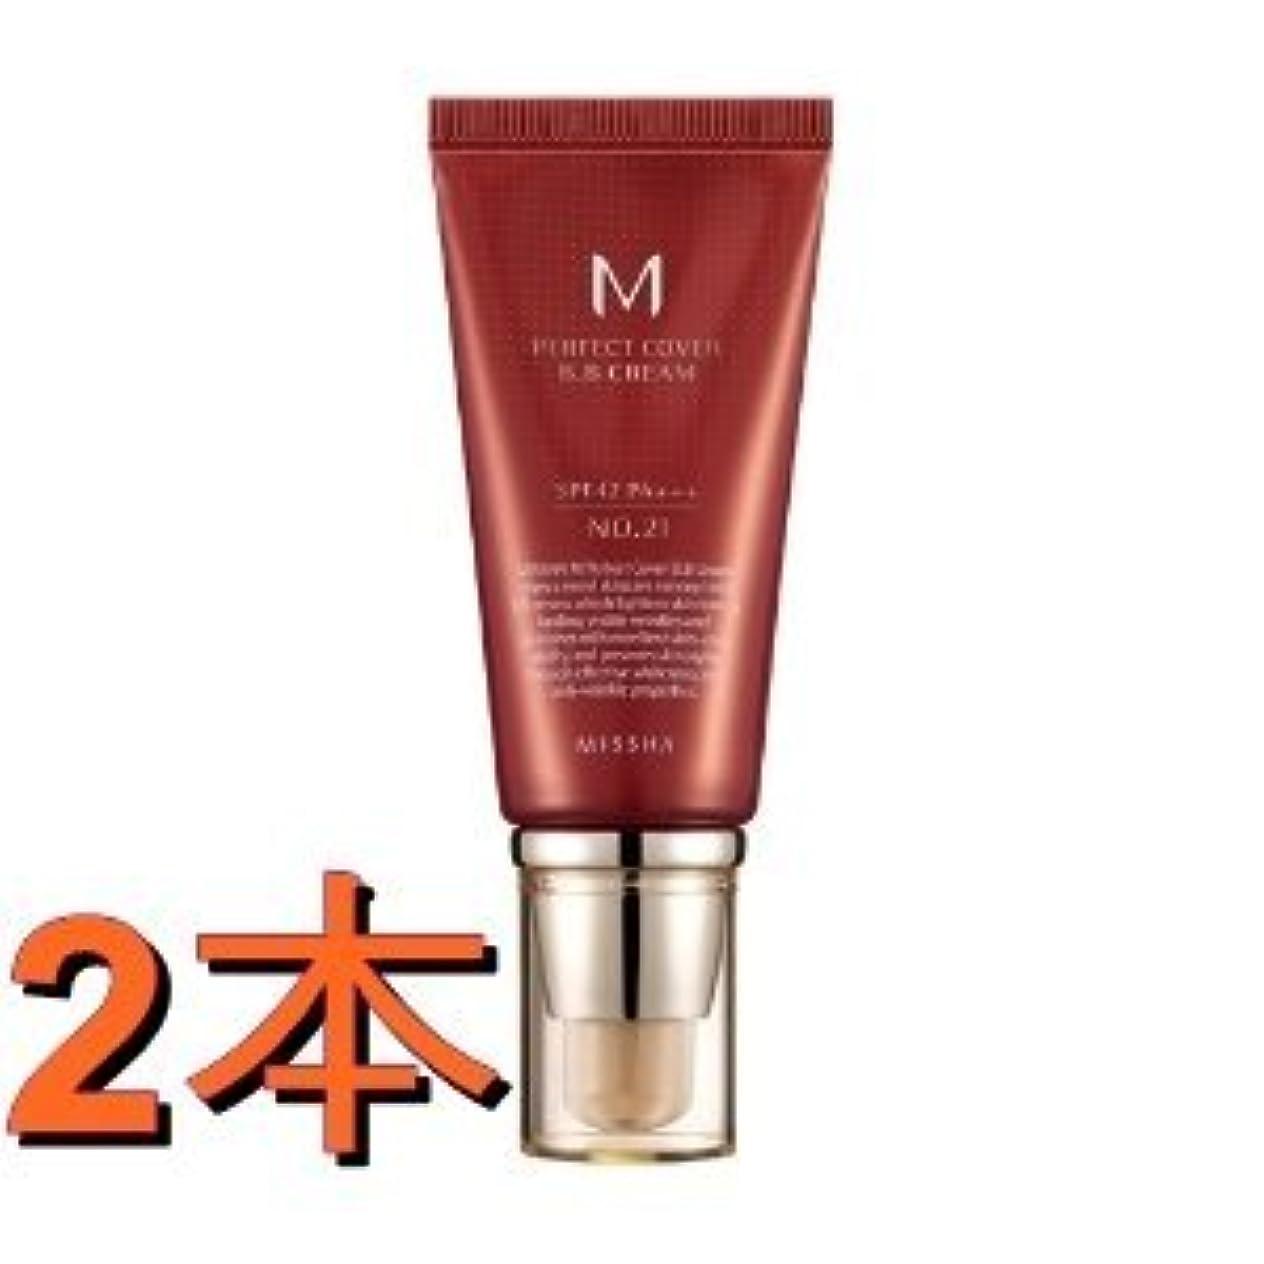 感性差別提案ミシャ(MISSHA) M パーフェクトカバー BB クリーム 2本セット NO.23 (ナチュラルでおちつきのある肌色) SPF42 PA++ 50ml[並行輸入品]